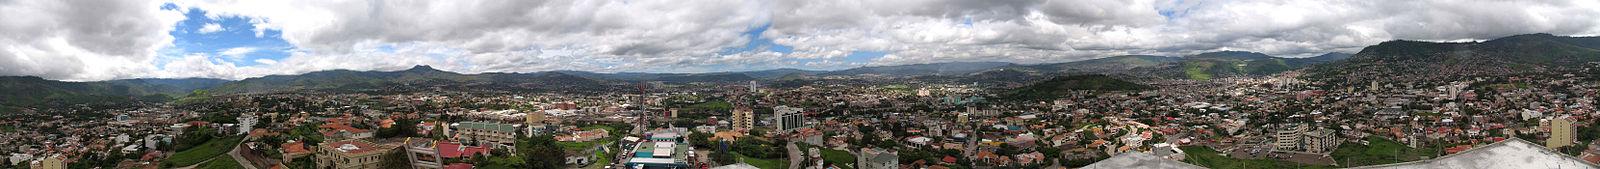 תצלום פנורמי של העיר (לצפייה הזיזו עם העכבר את סרגל הגלילה בתחתית התמונה)